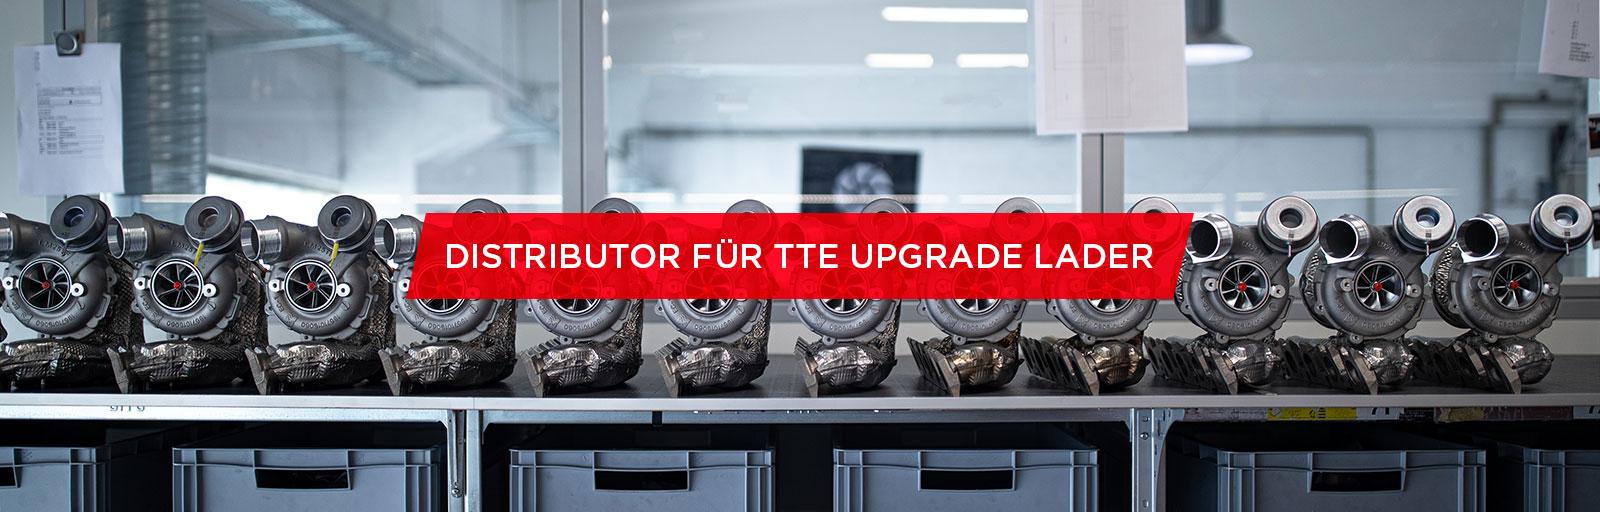 Distributor für TTE Upgrade Lader